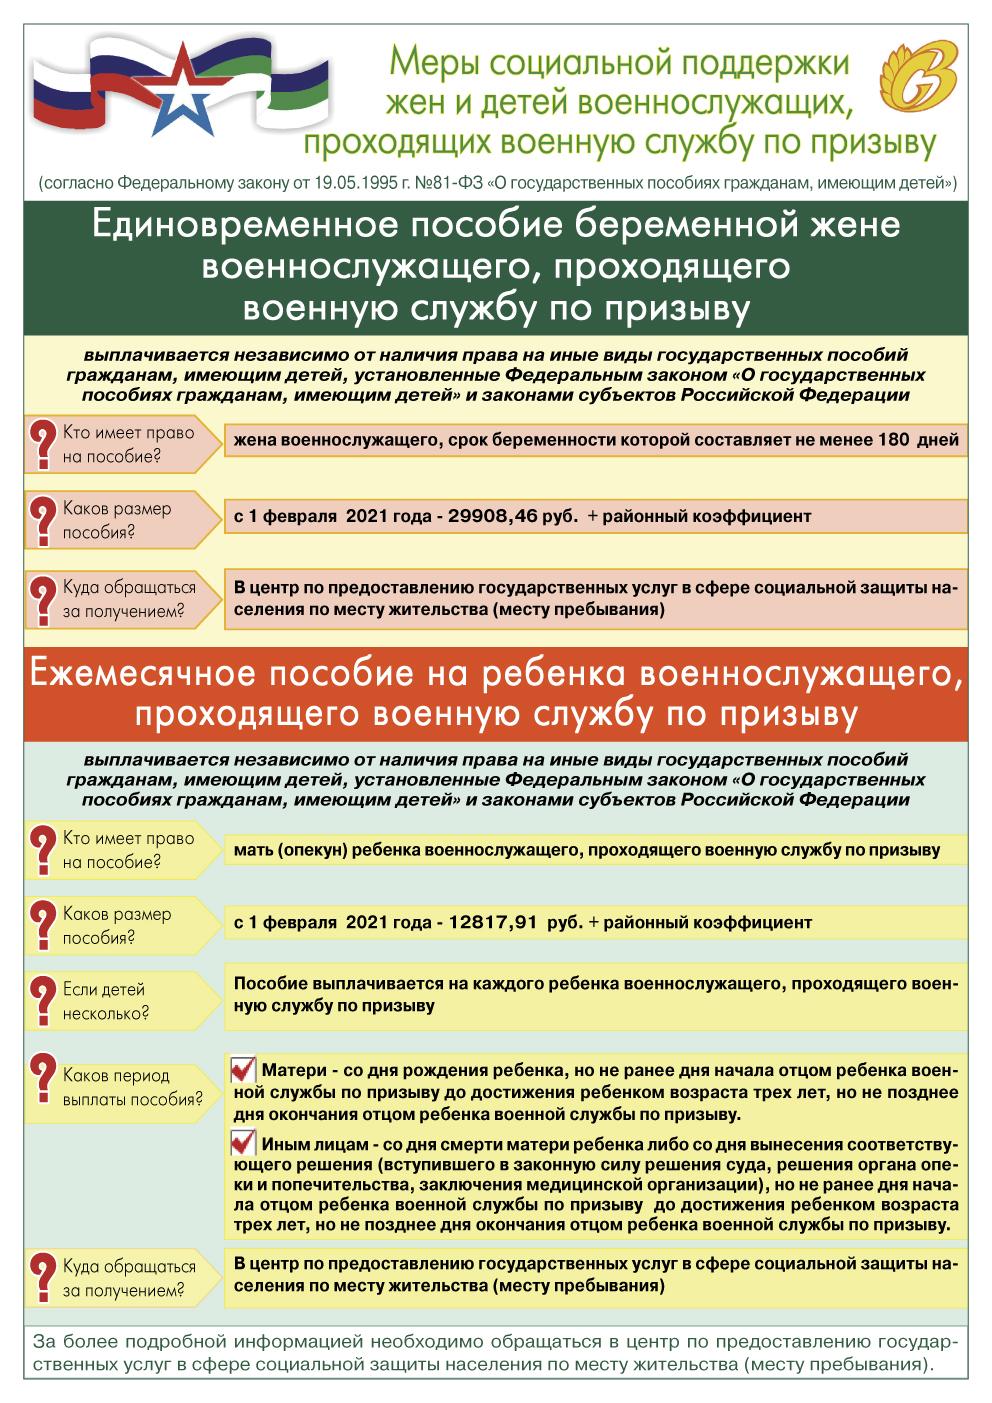 MSP_semyam_voennoslughaschih_01.02.20211.jpg